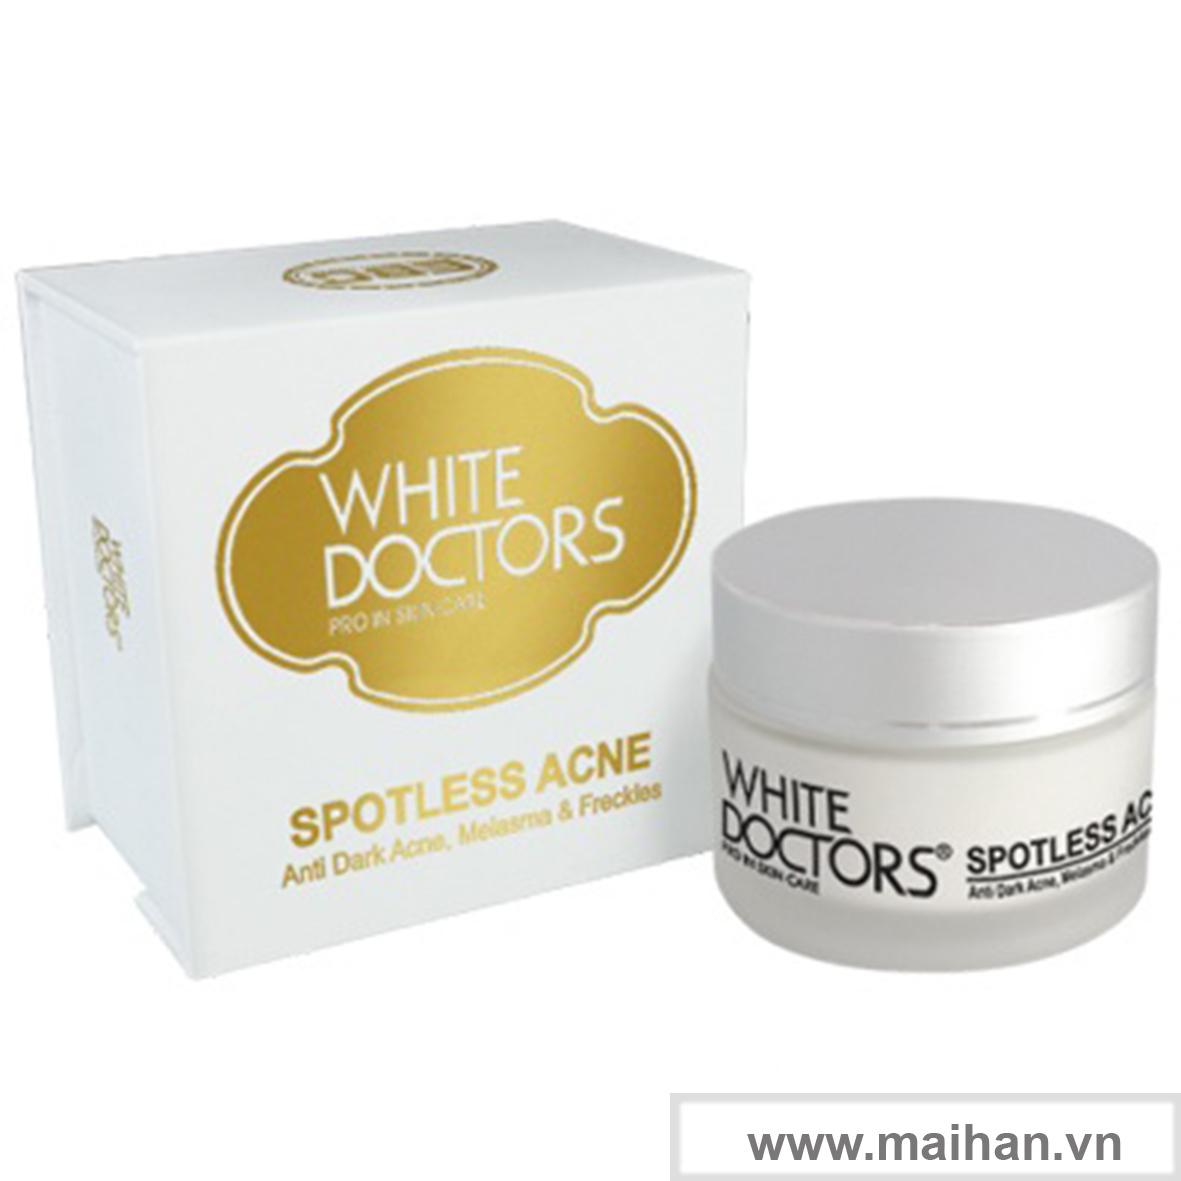 Kem chữa thâm mụn làm trắng da White Doctors (Spotless Acne)